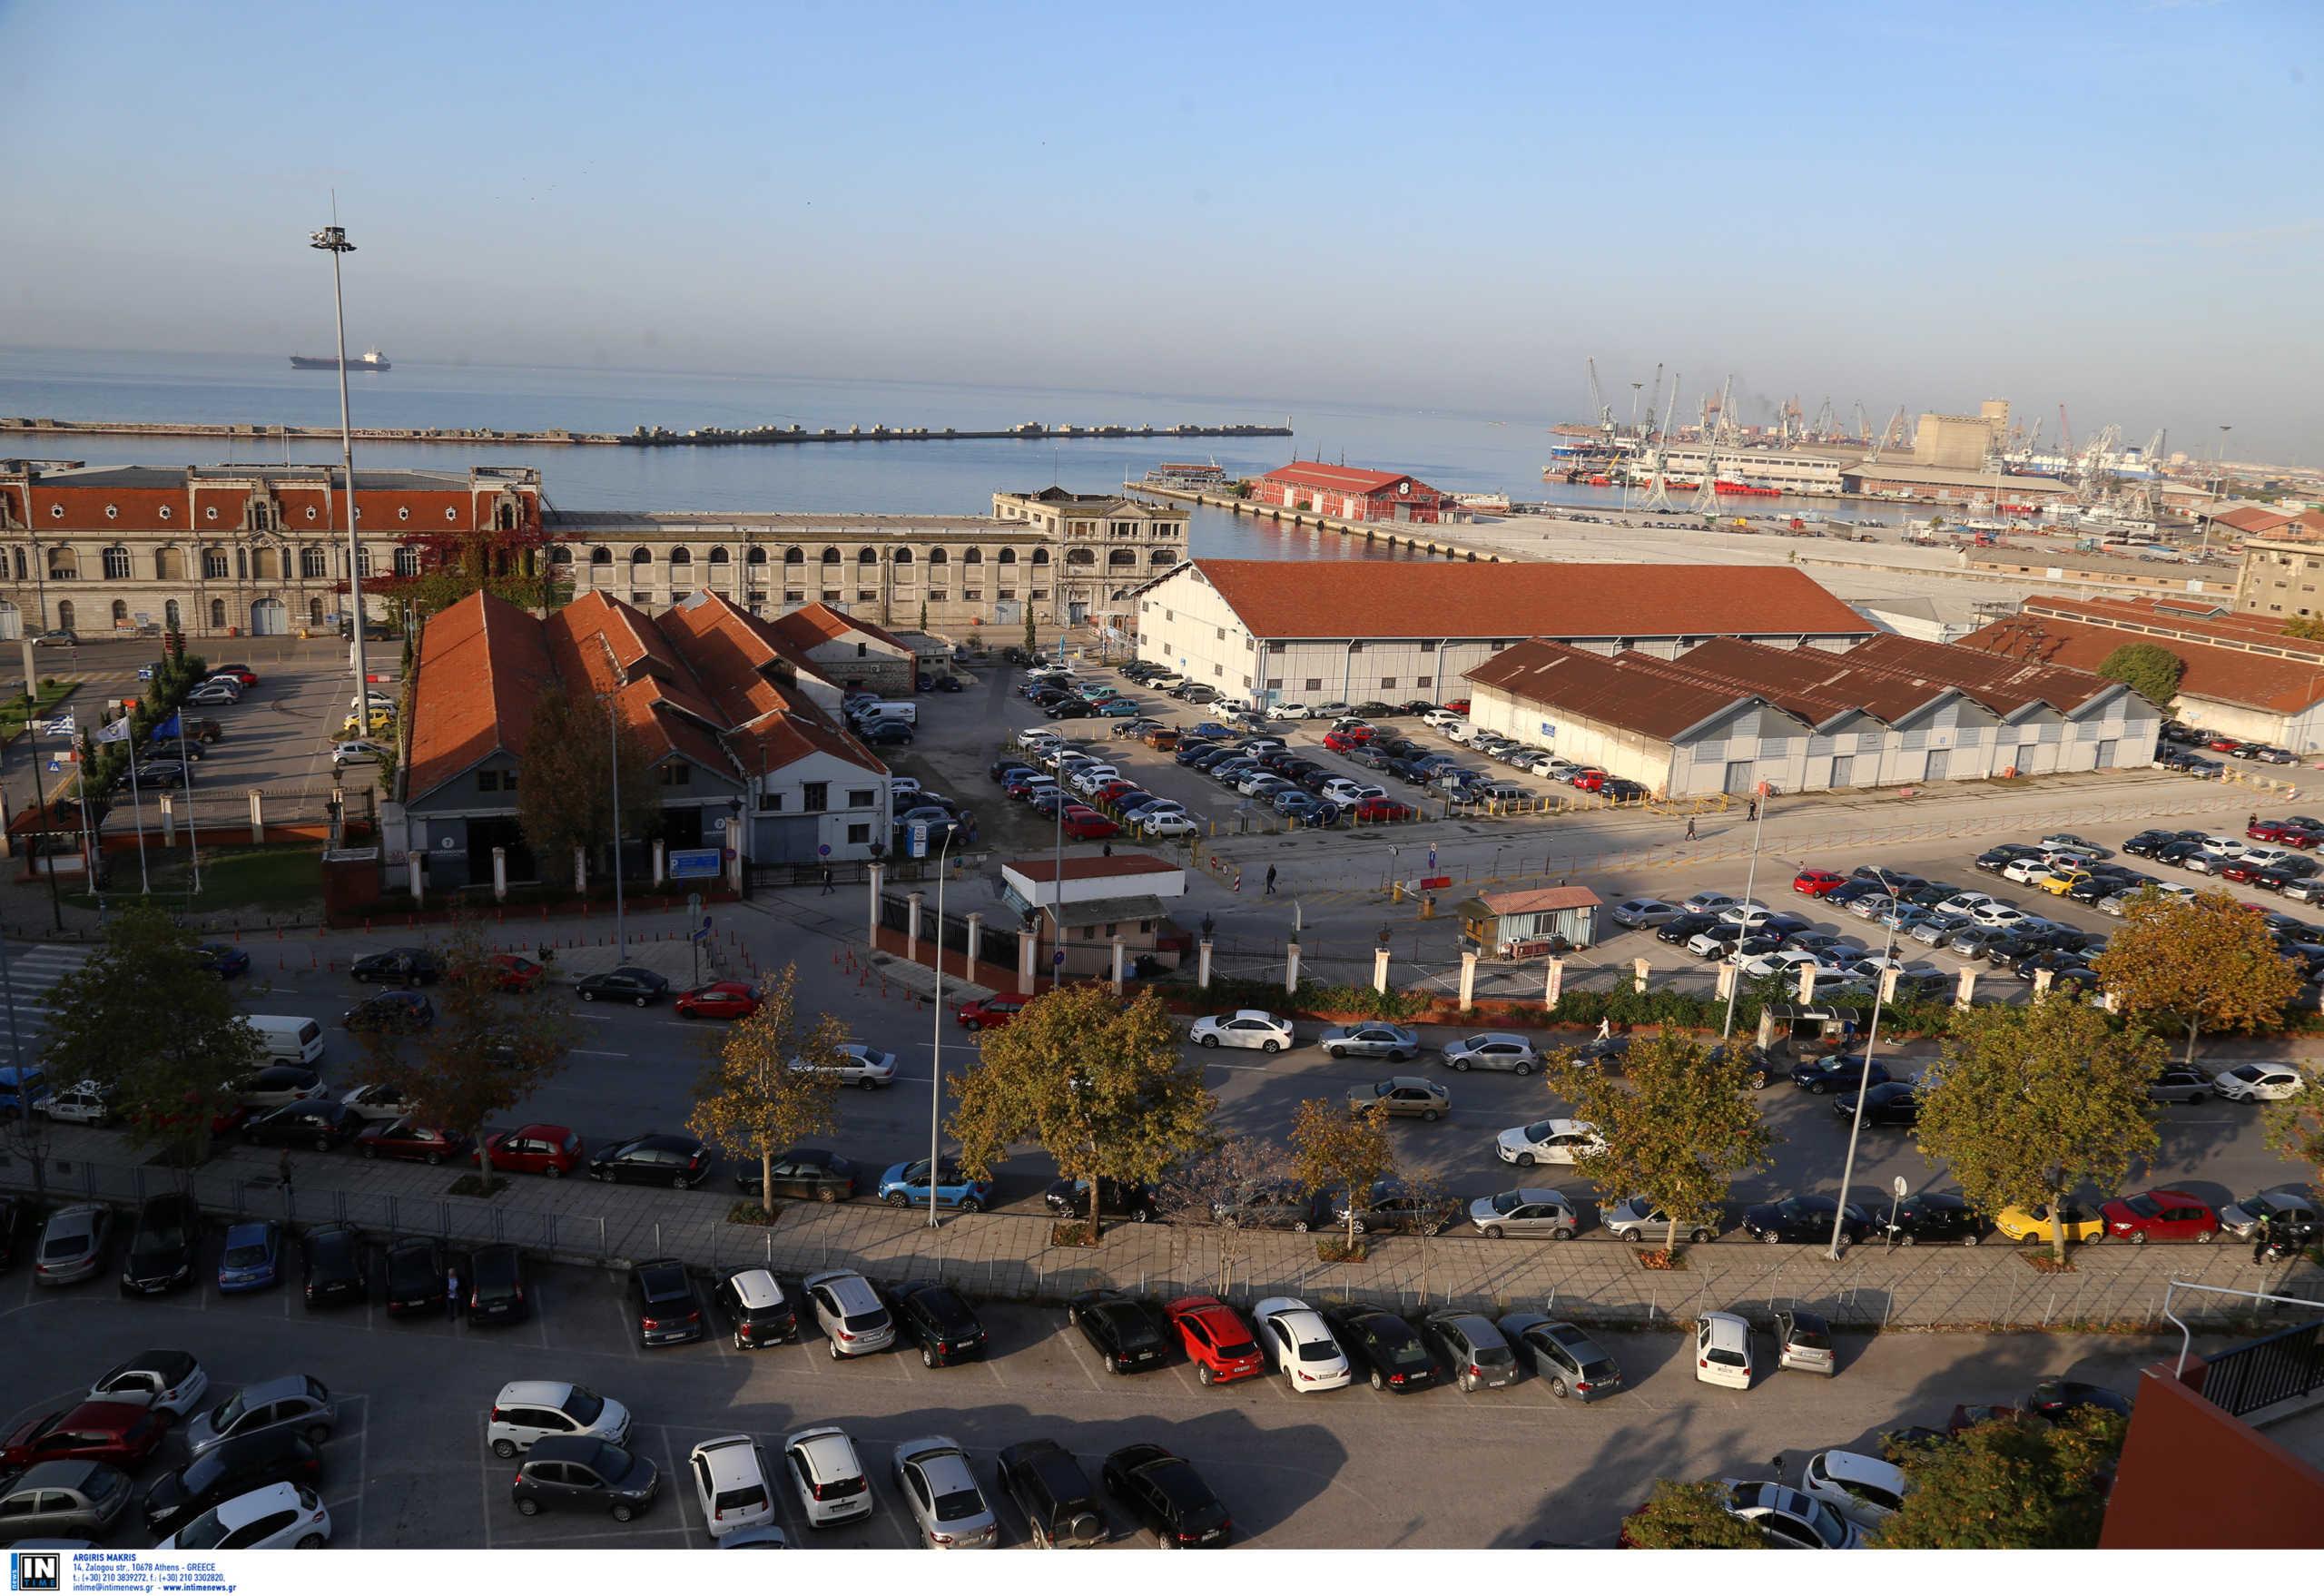 ΟΛΘ: Αυξημένα έσοδα στο Λιμένα Θεσσαλονίκης, εν μέσω πανδημίας